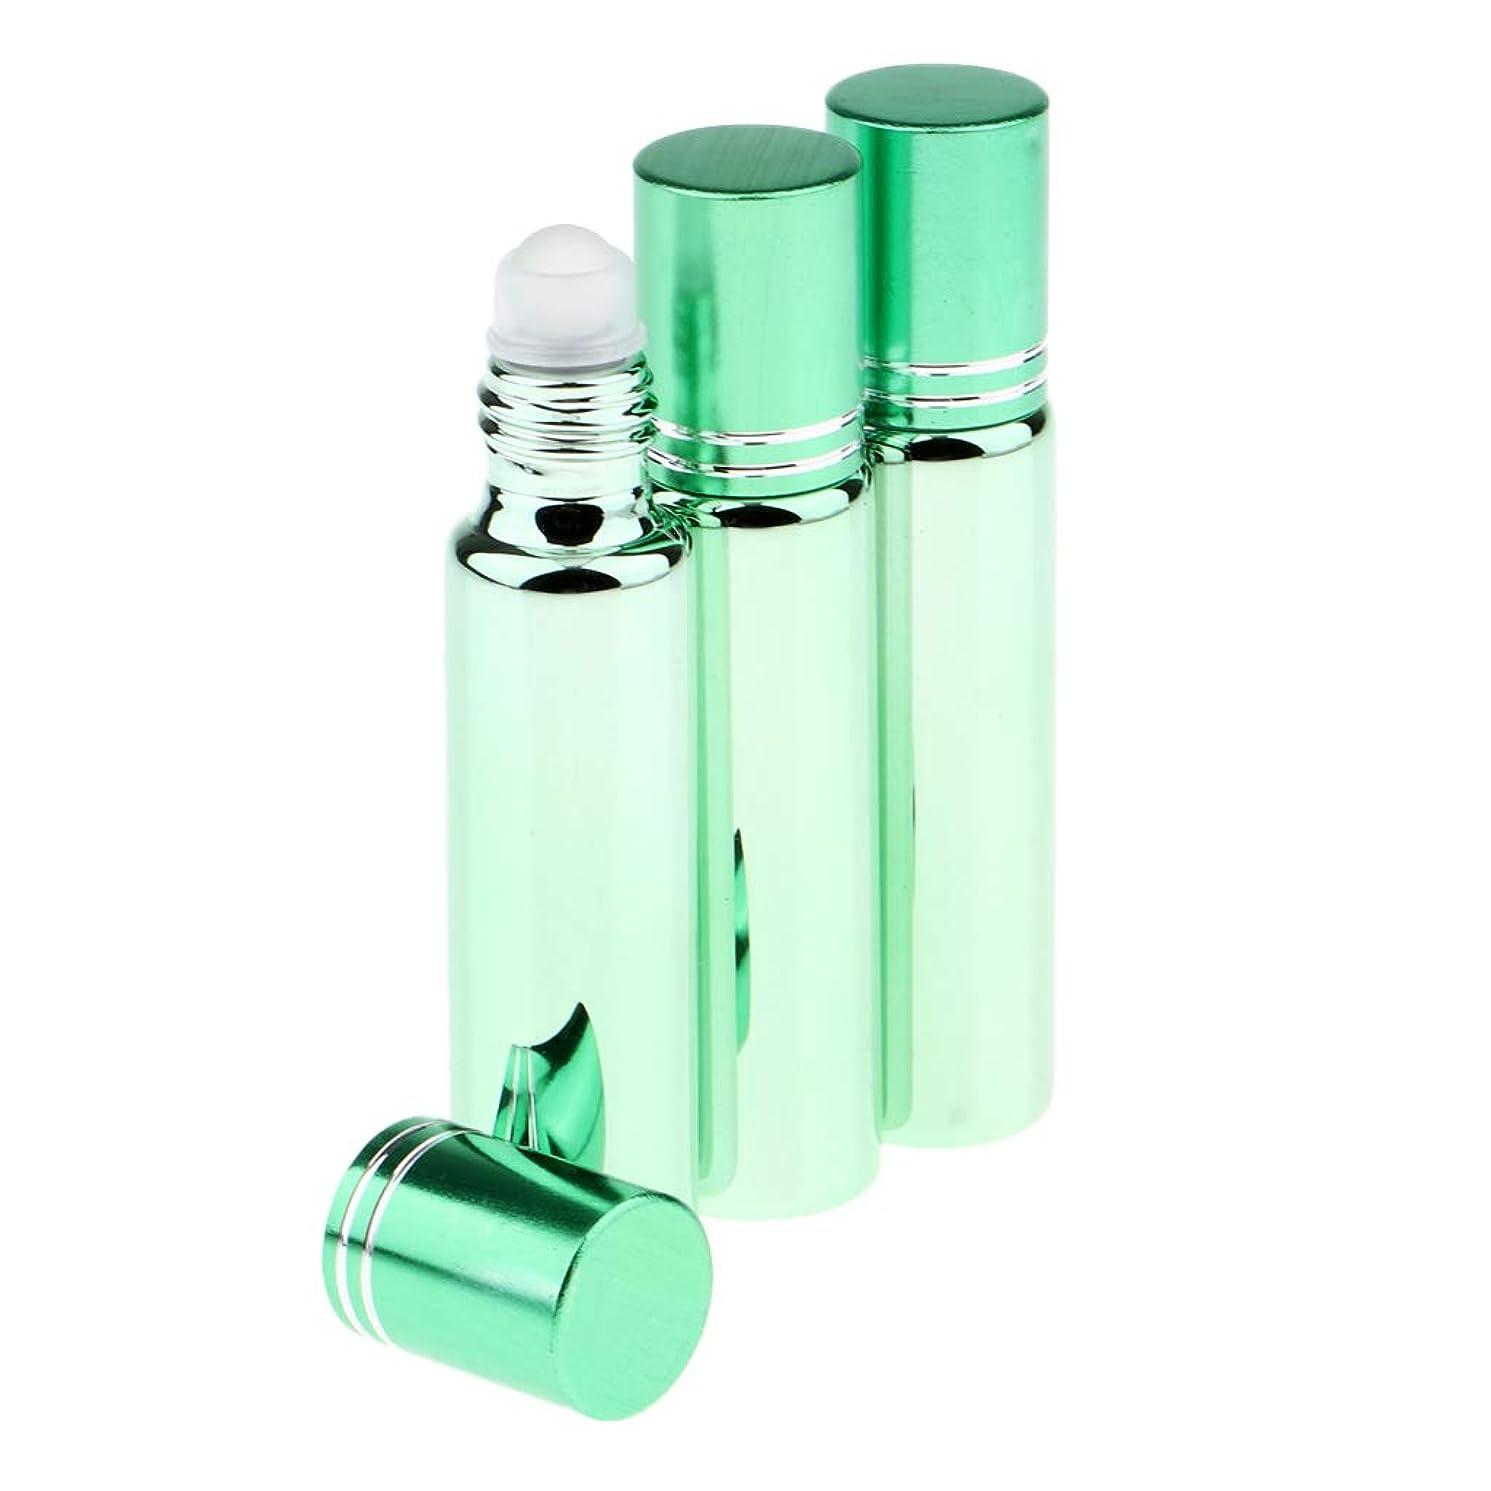 ビスケットあごお世話になったPerfeclan 詰め替え ロールオンボトル アロマオイルボトル エッセンシャルオイル容器 アイクリーム容器 全5色 - 緑